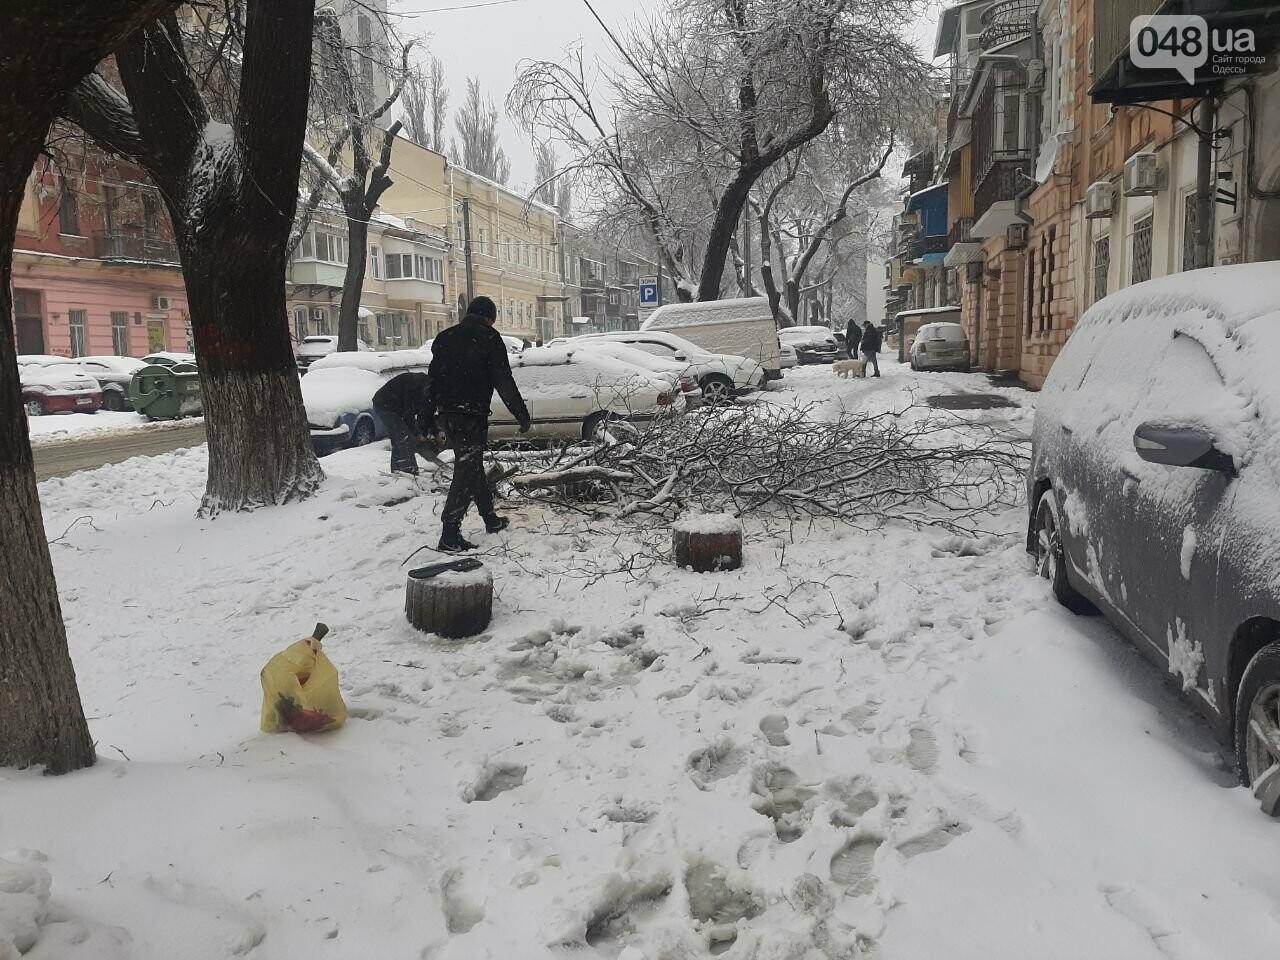 Последствия непогоды в Одессе, - ФОТОРЕПОРТАЖ, фото-2121